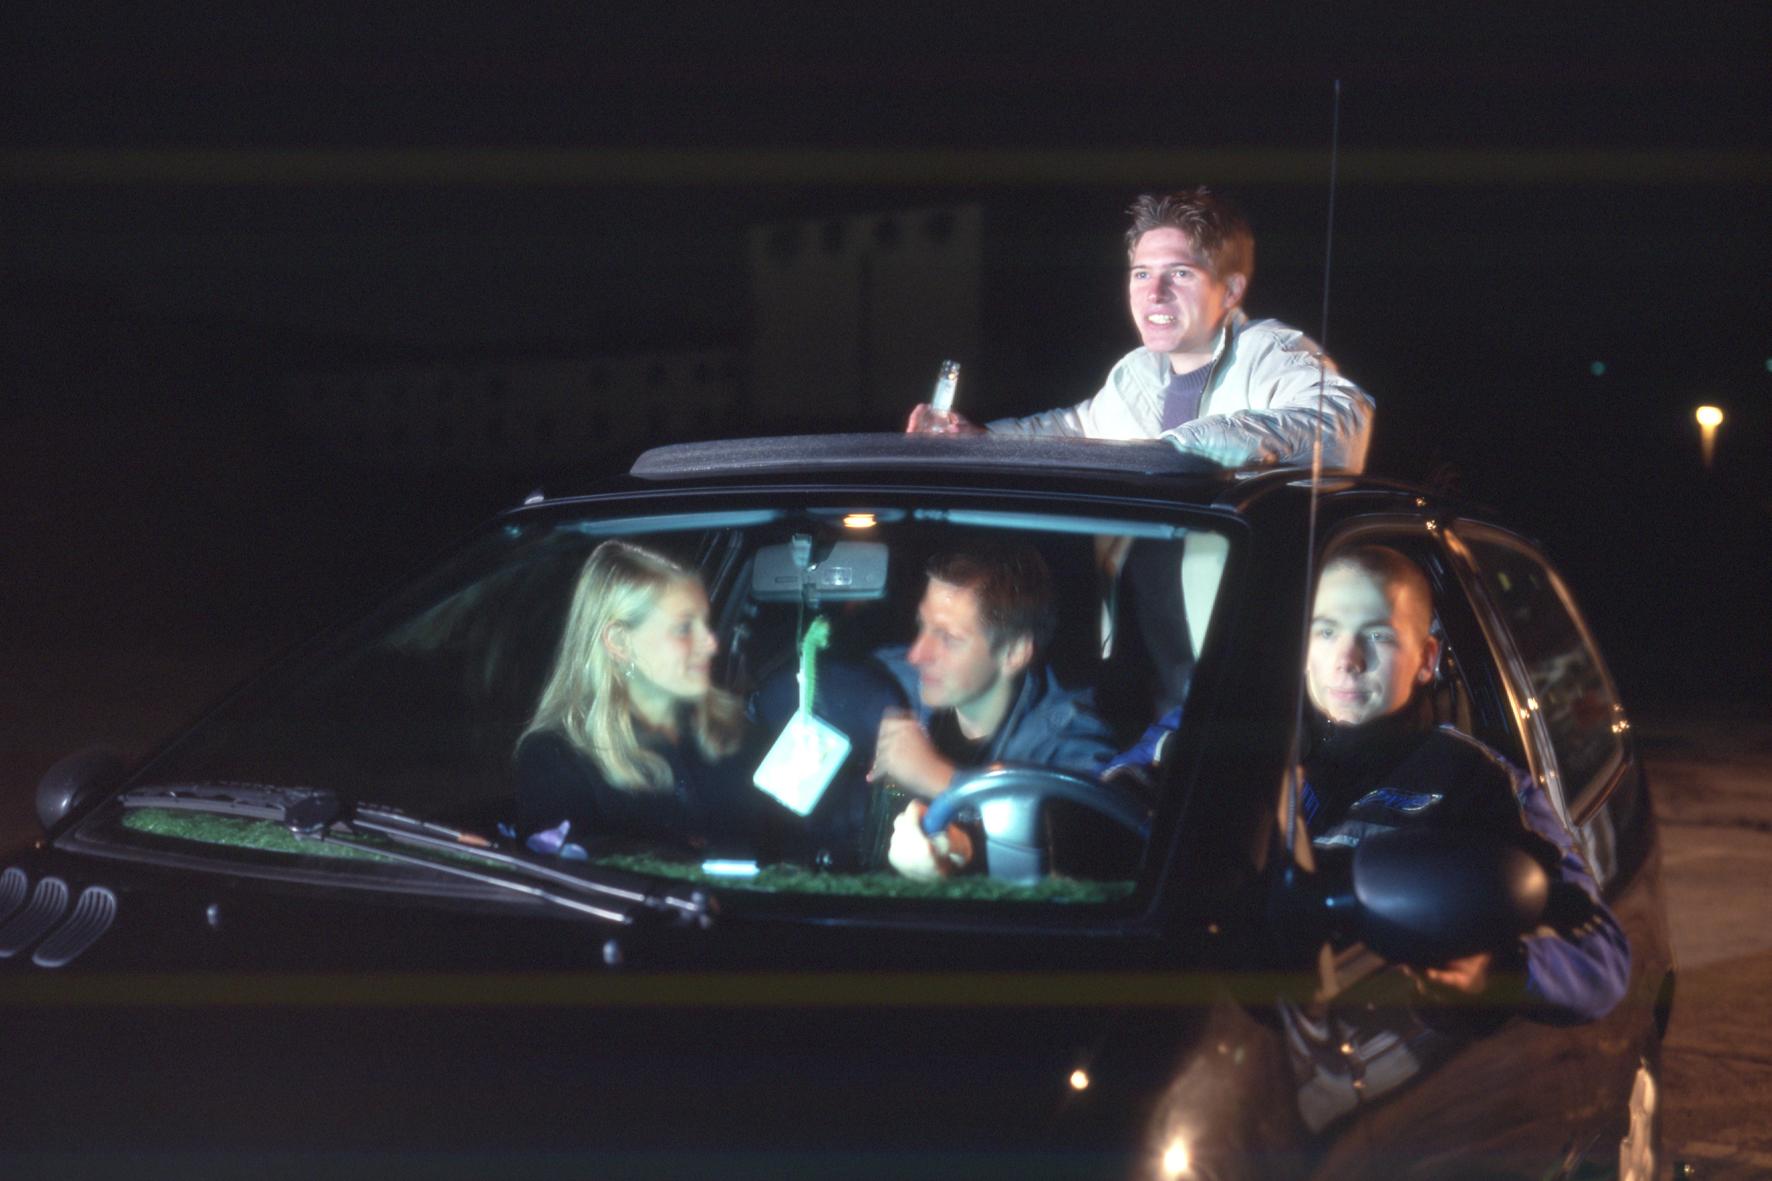 Urteile: Beifahrer bei Alkoholfahrt mit Unfall trifft Mitschuld